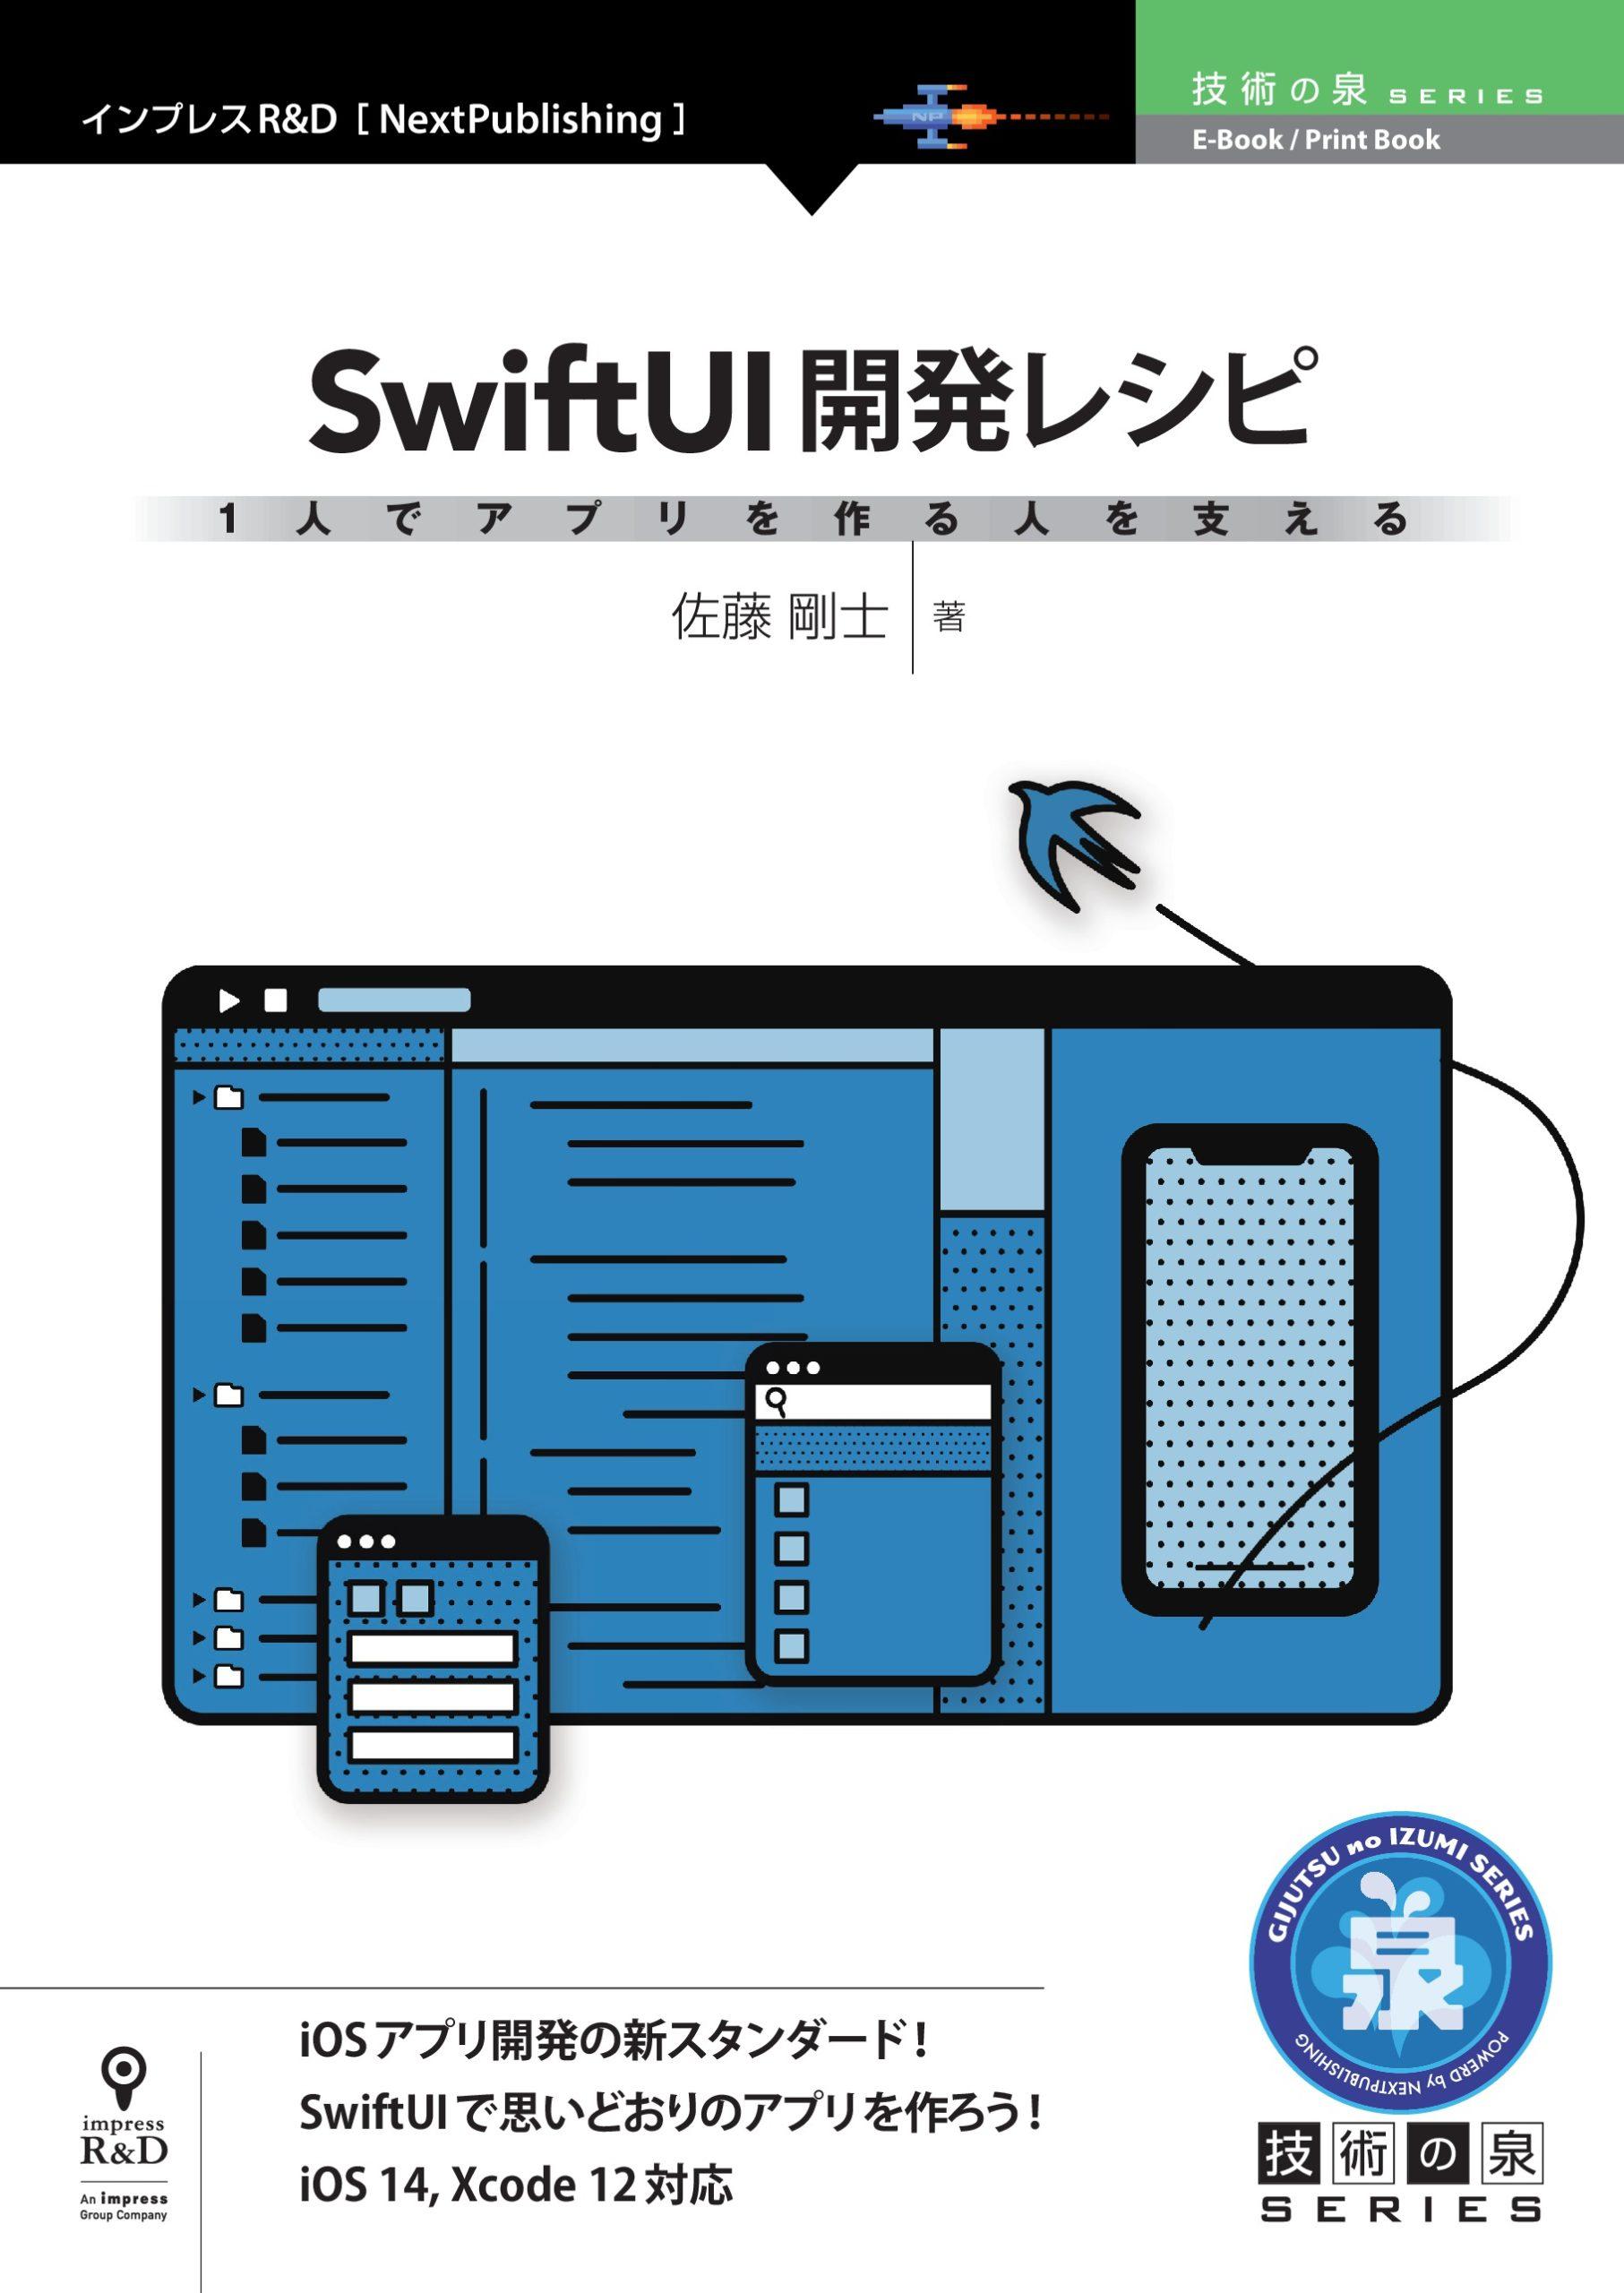 1人でアプリを作る人を支えるSwiftUI開発レシピ